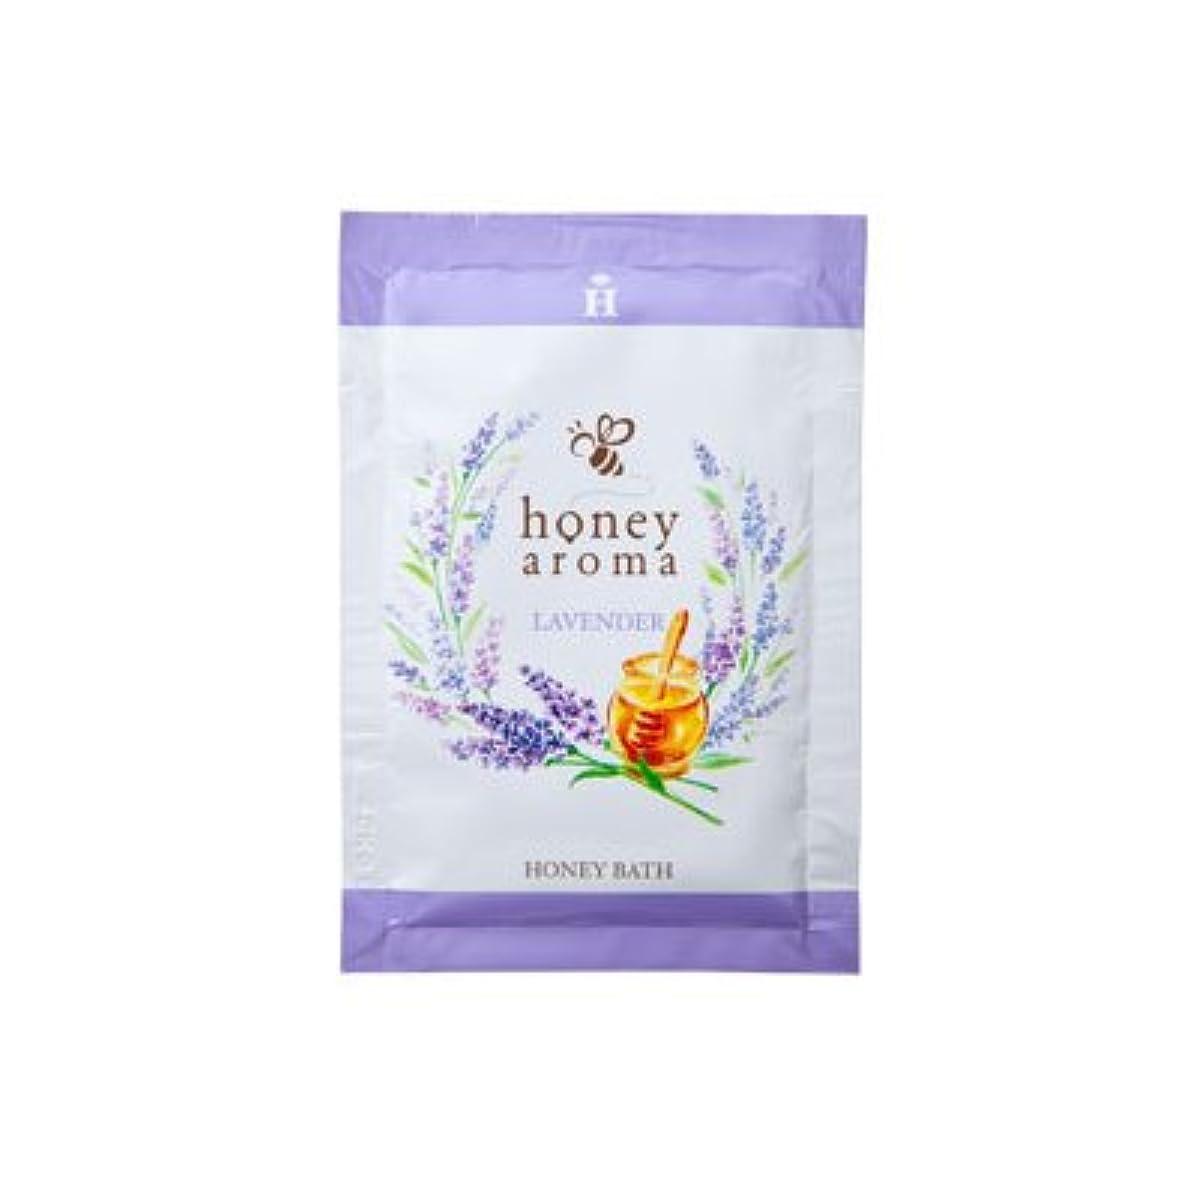 牛肉進化するにおいハニーアロマ ハニーバス(入浴剤) 5包(ラベンダーの香り)